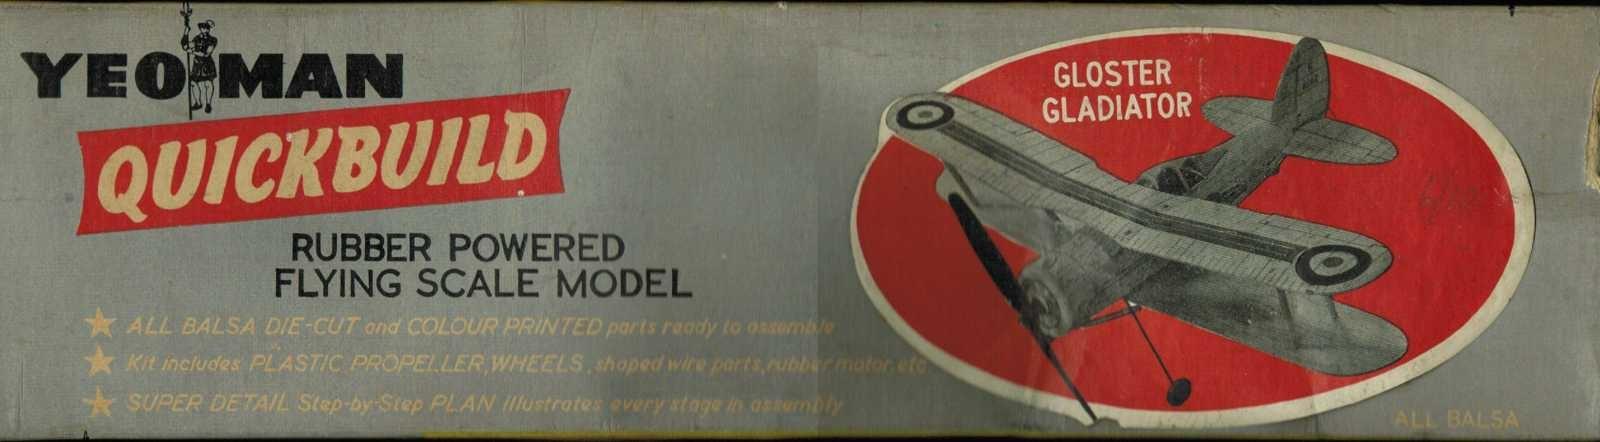 https://0201.nccdn.net/1_2/000/000/199/715/FF-Gloster-Box-Art-1600x442.jpg